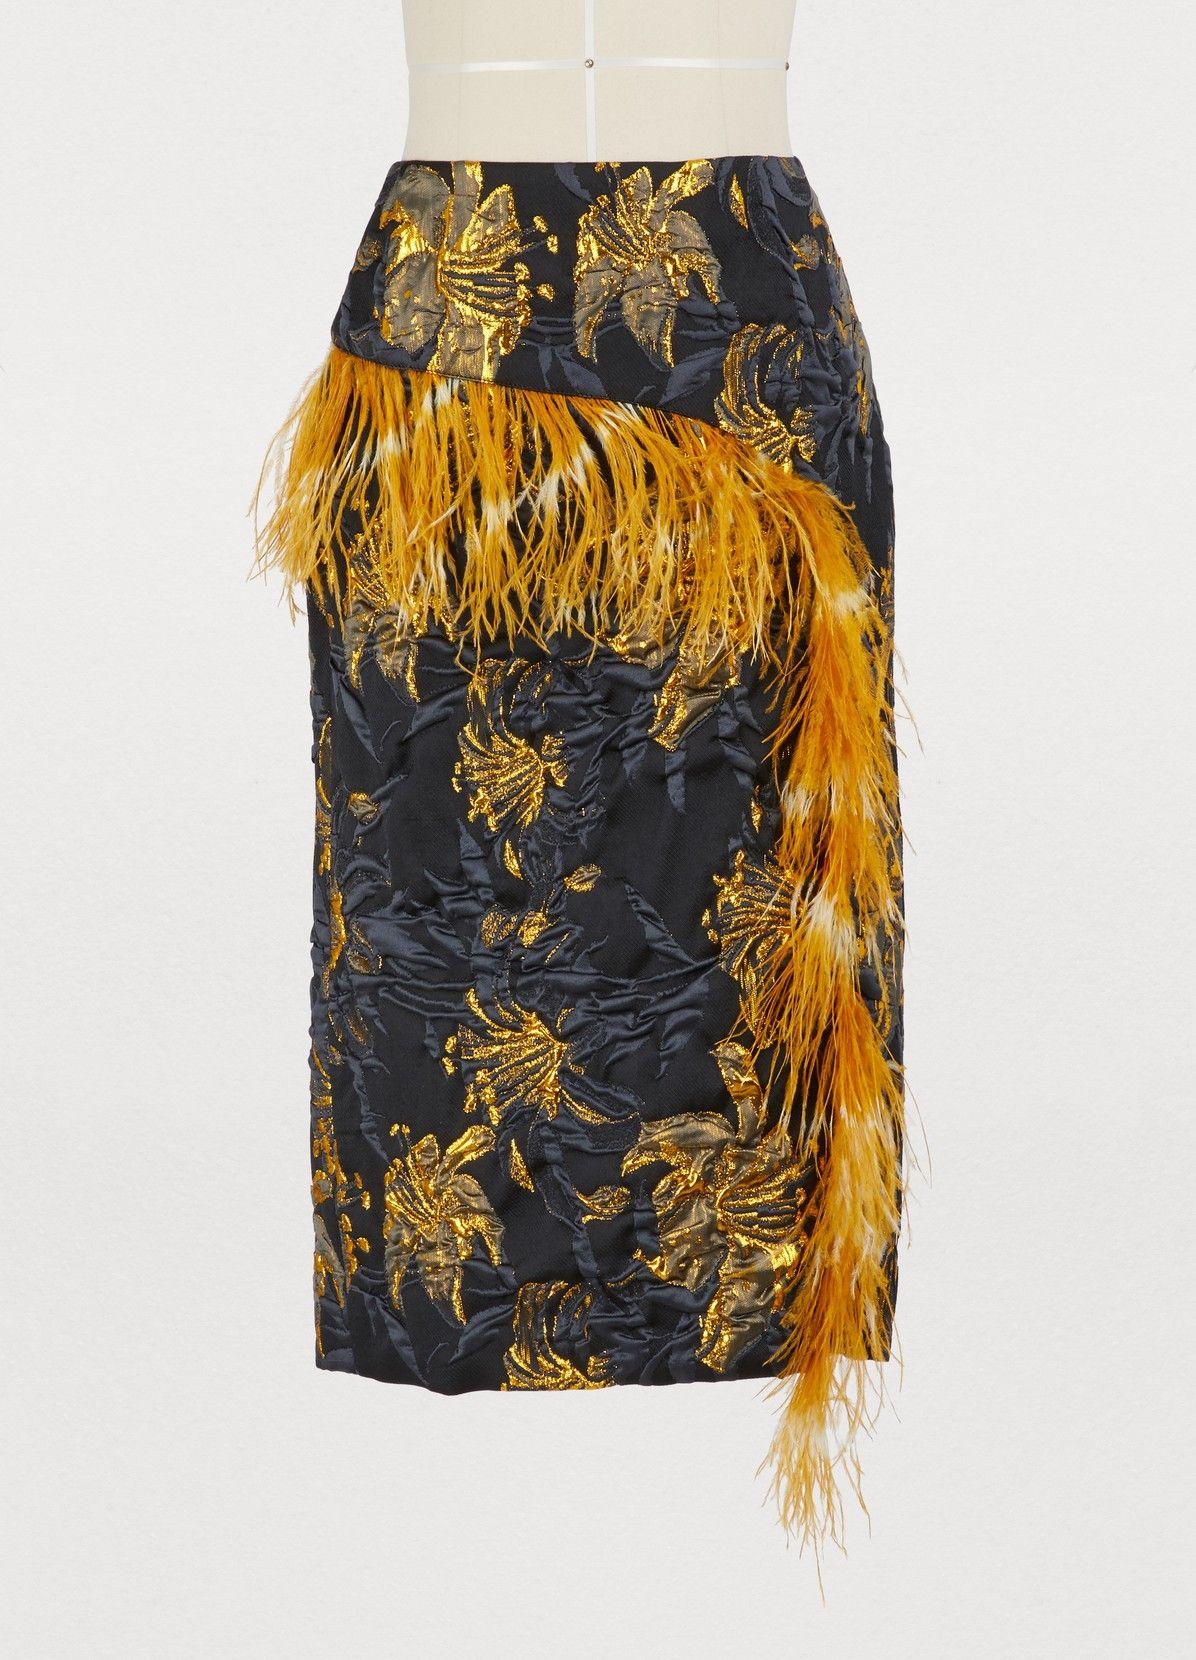 Women's Feathers skirt Dries Van Noten 24 Sèvres in